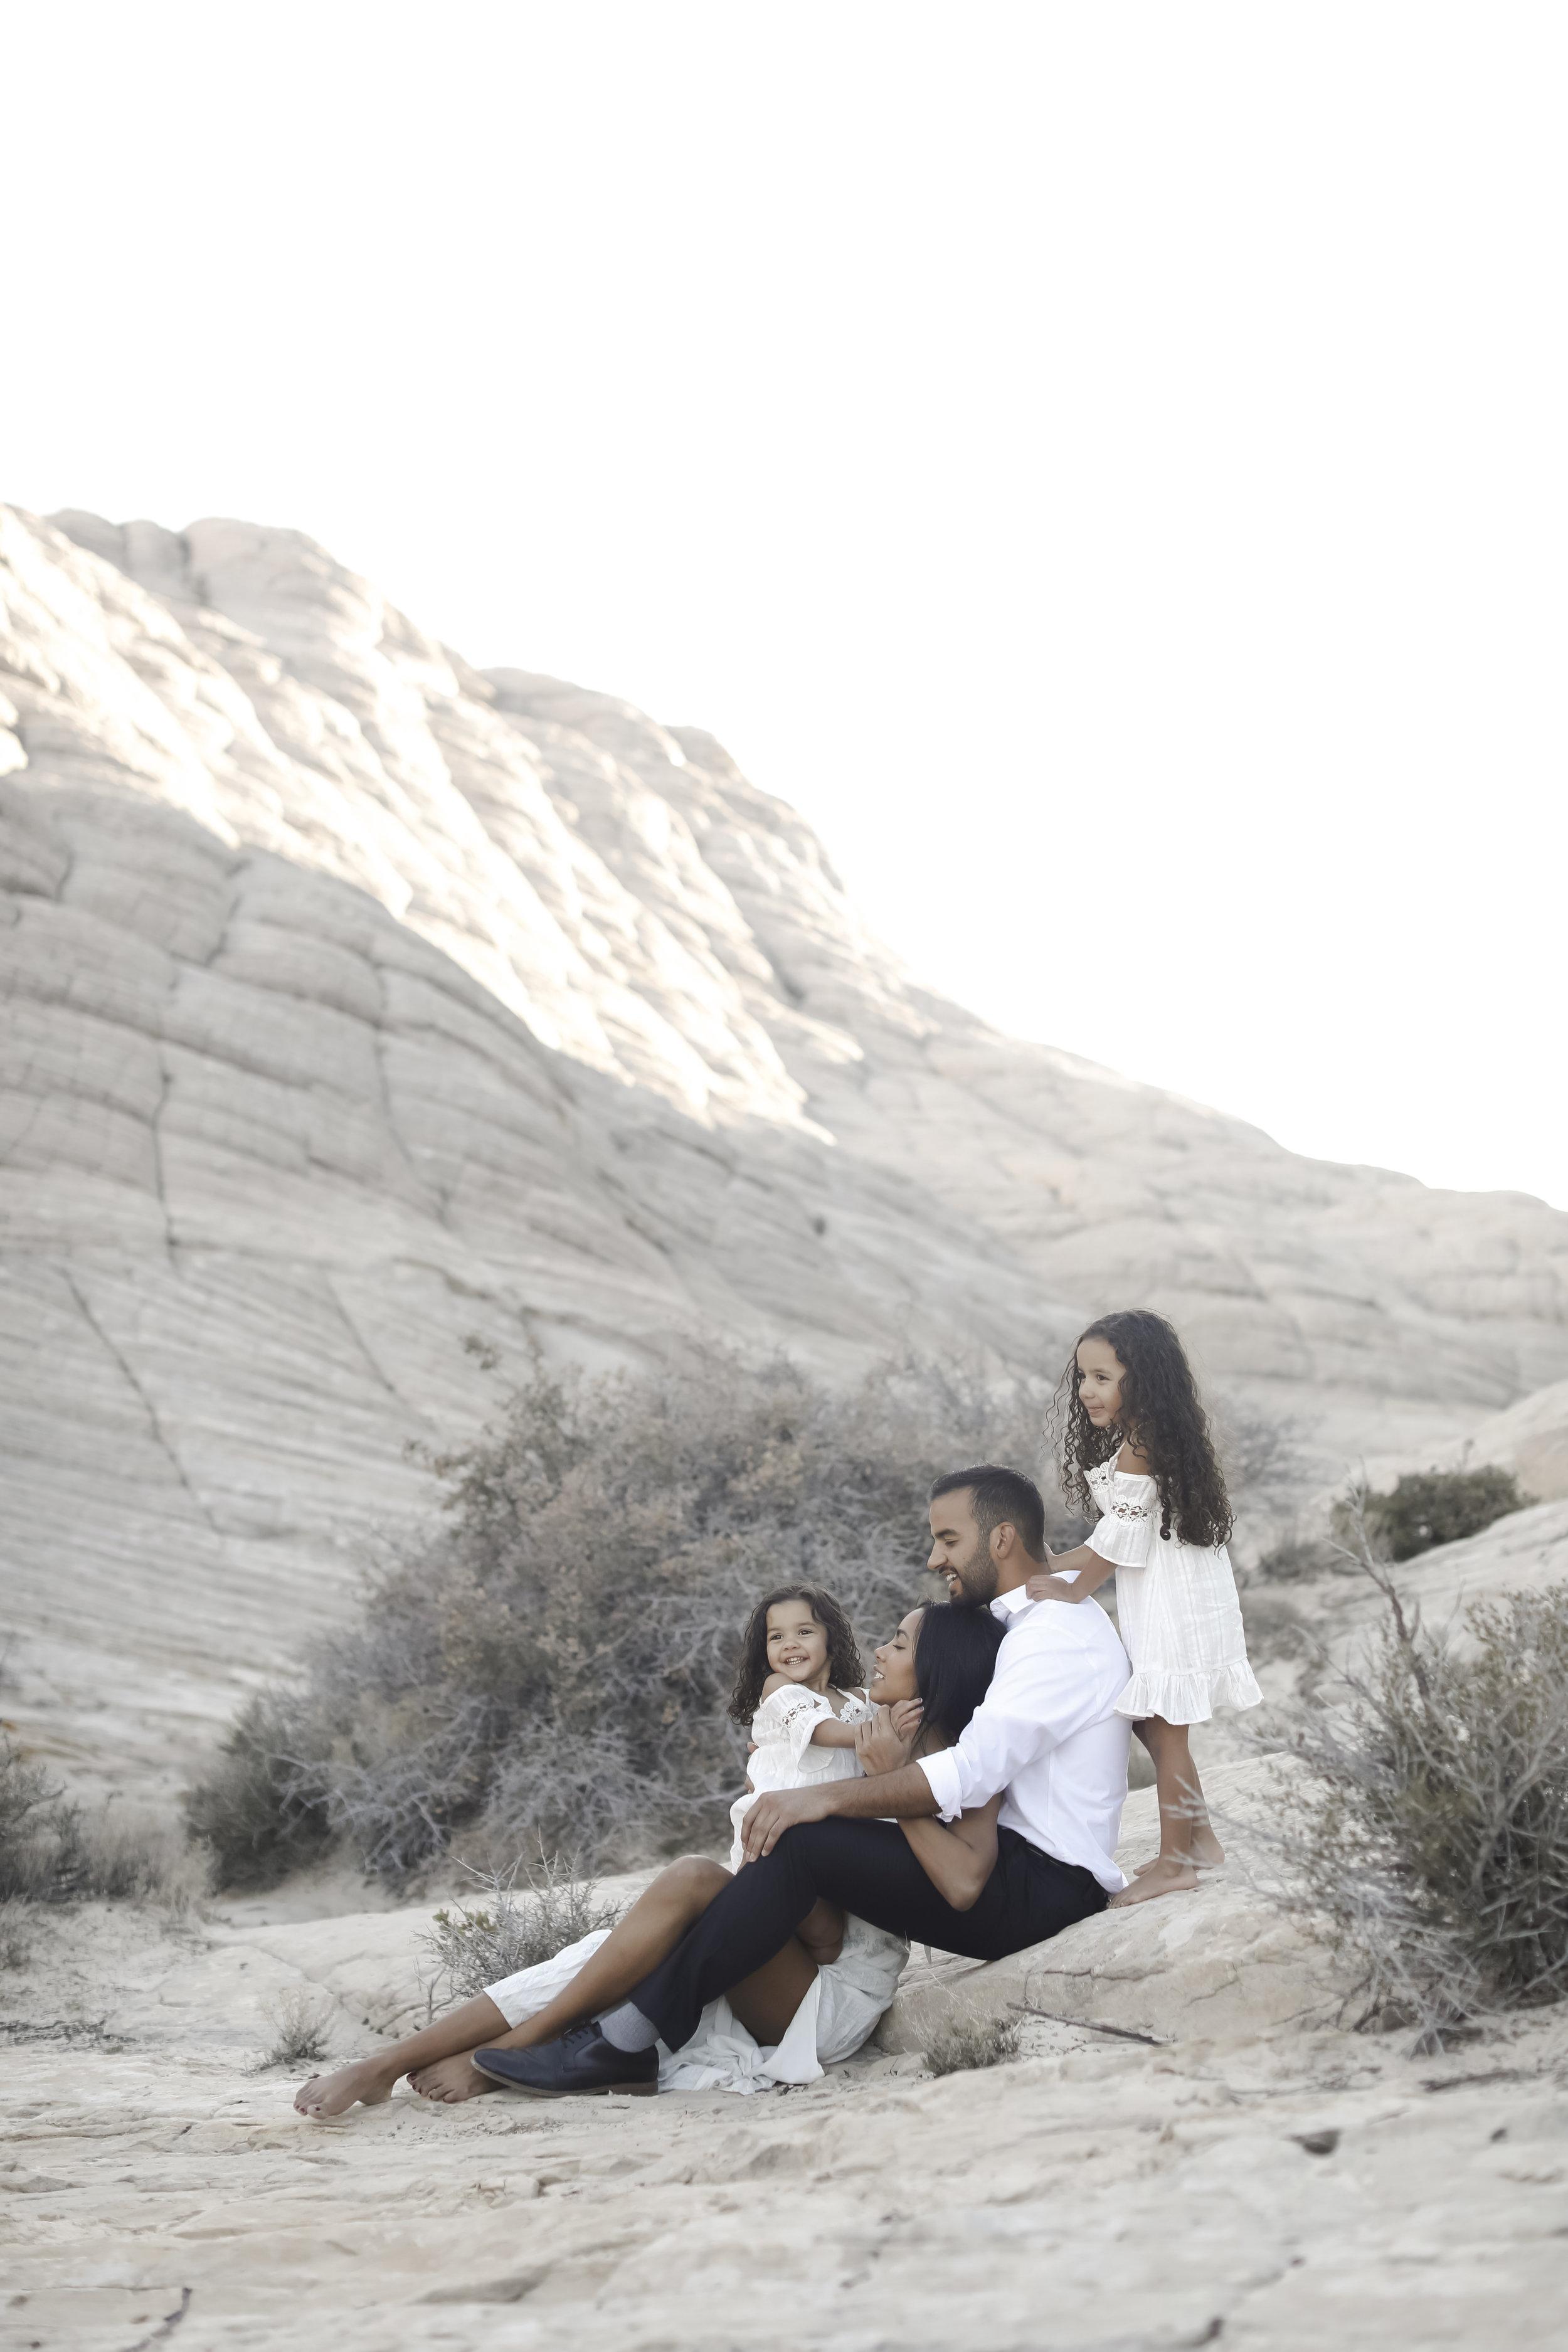 whiterocksfamily-ahp-00100.jpg